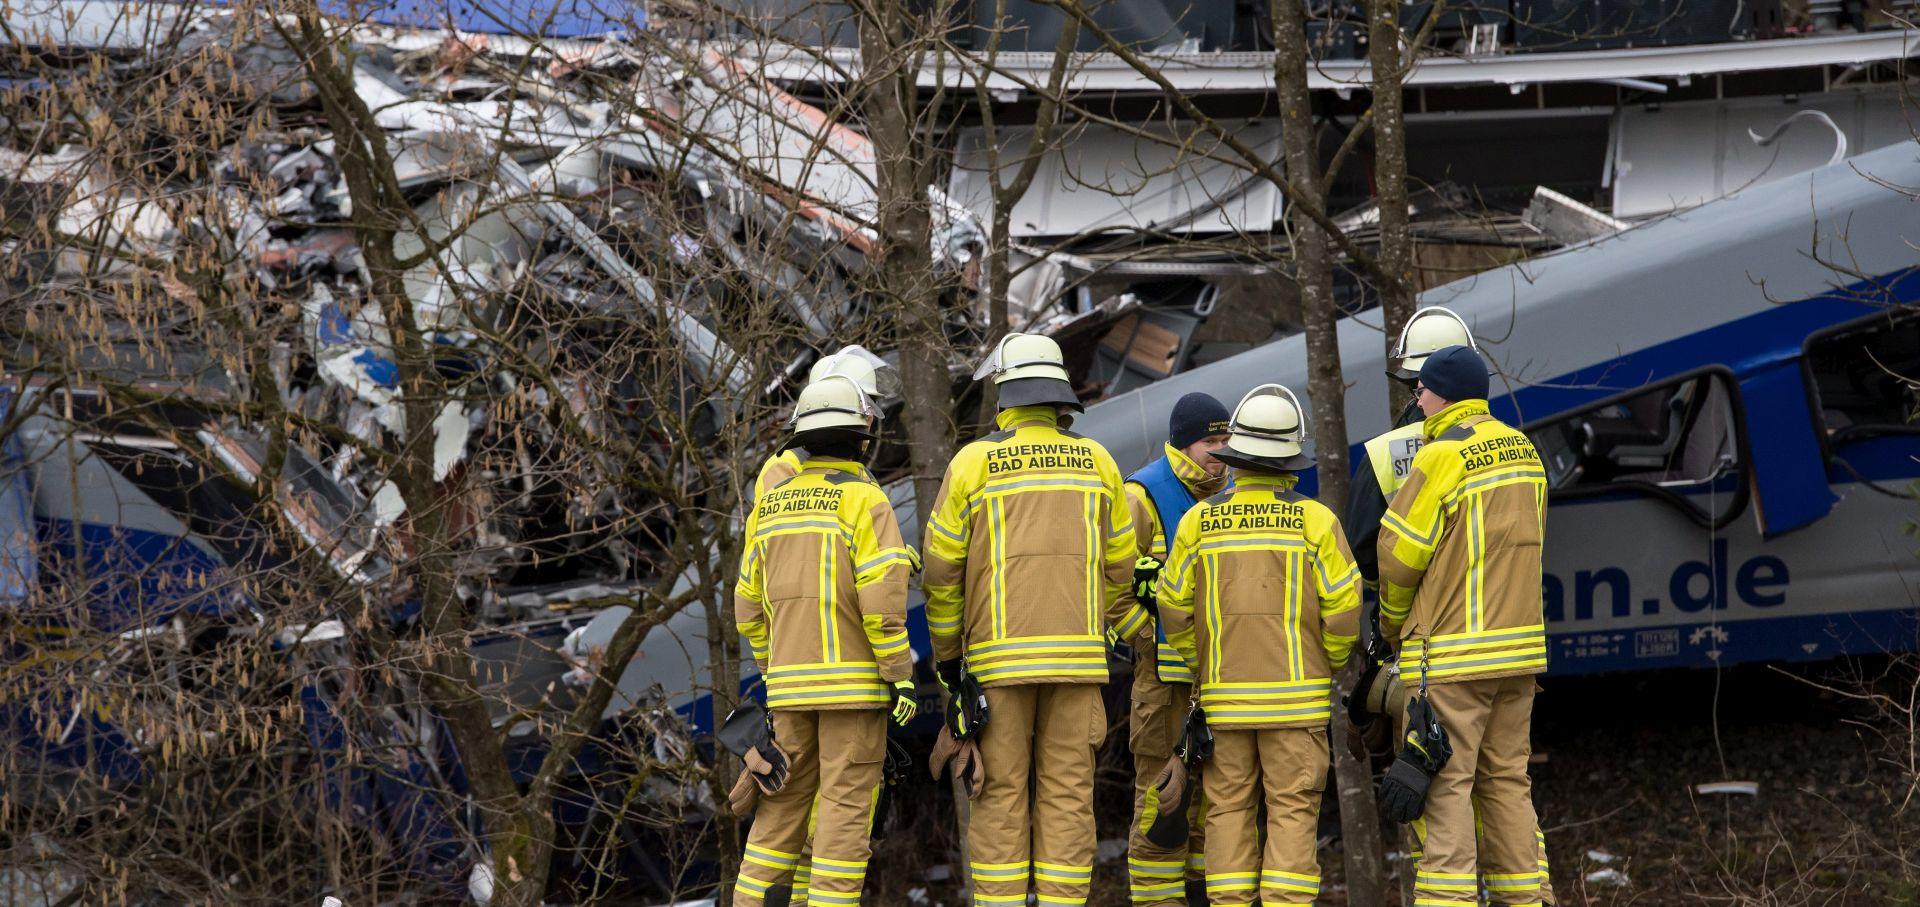 ISPRAVLJAJU POGREŠKU: Ipak nije bilo jedanaeste žrtve u Bavarskoj